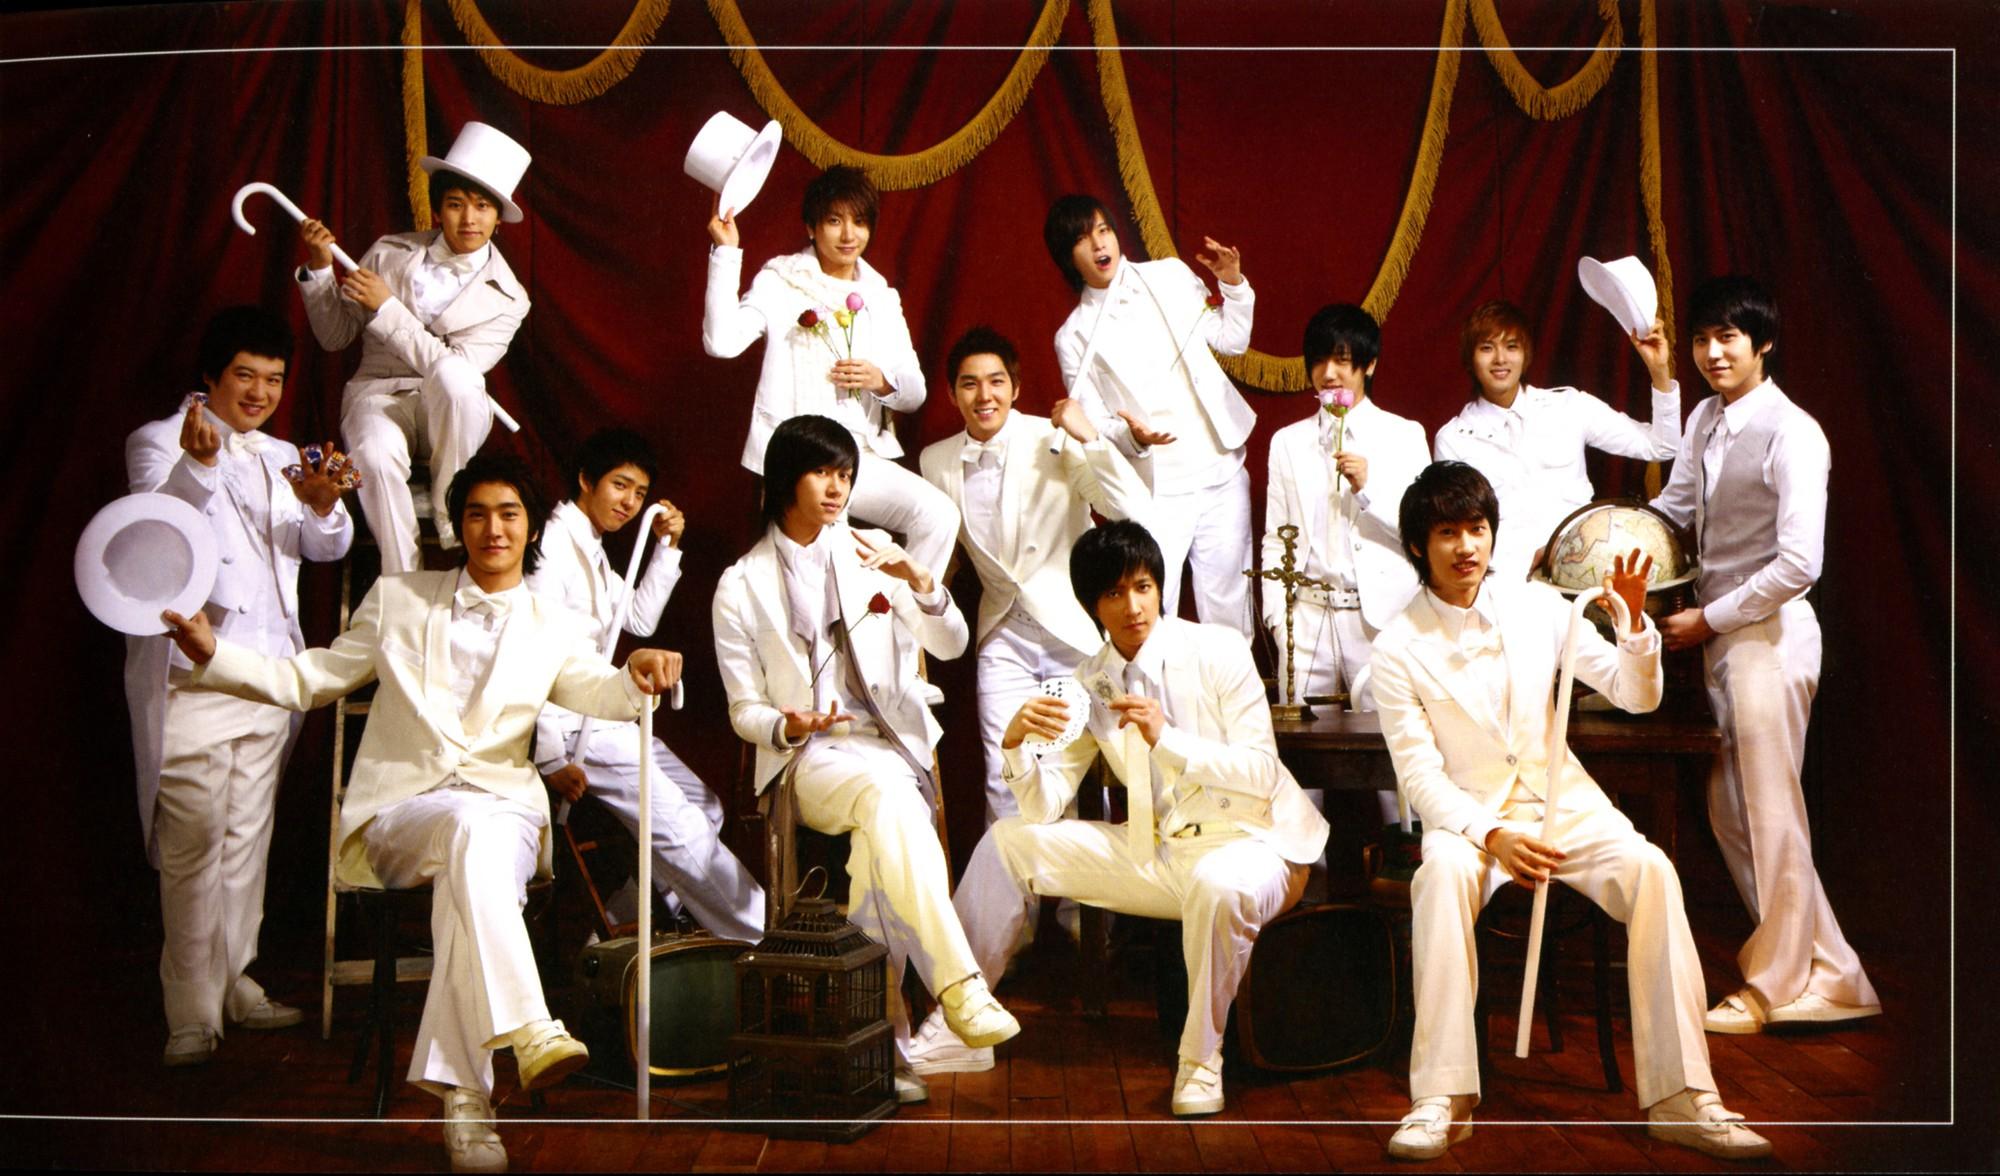 Thế hệ thứ 2 của Kpop chính thức khép màn, tạm biệt những công thần một thời hoàng kim - Ảnh 2.